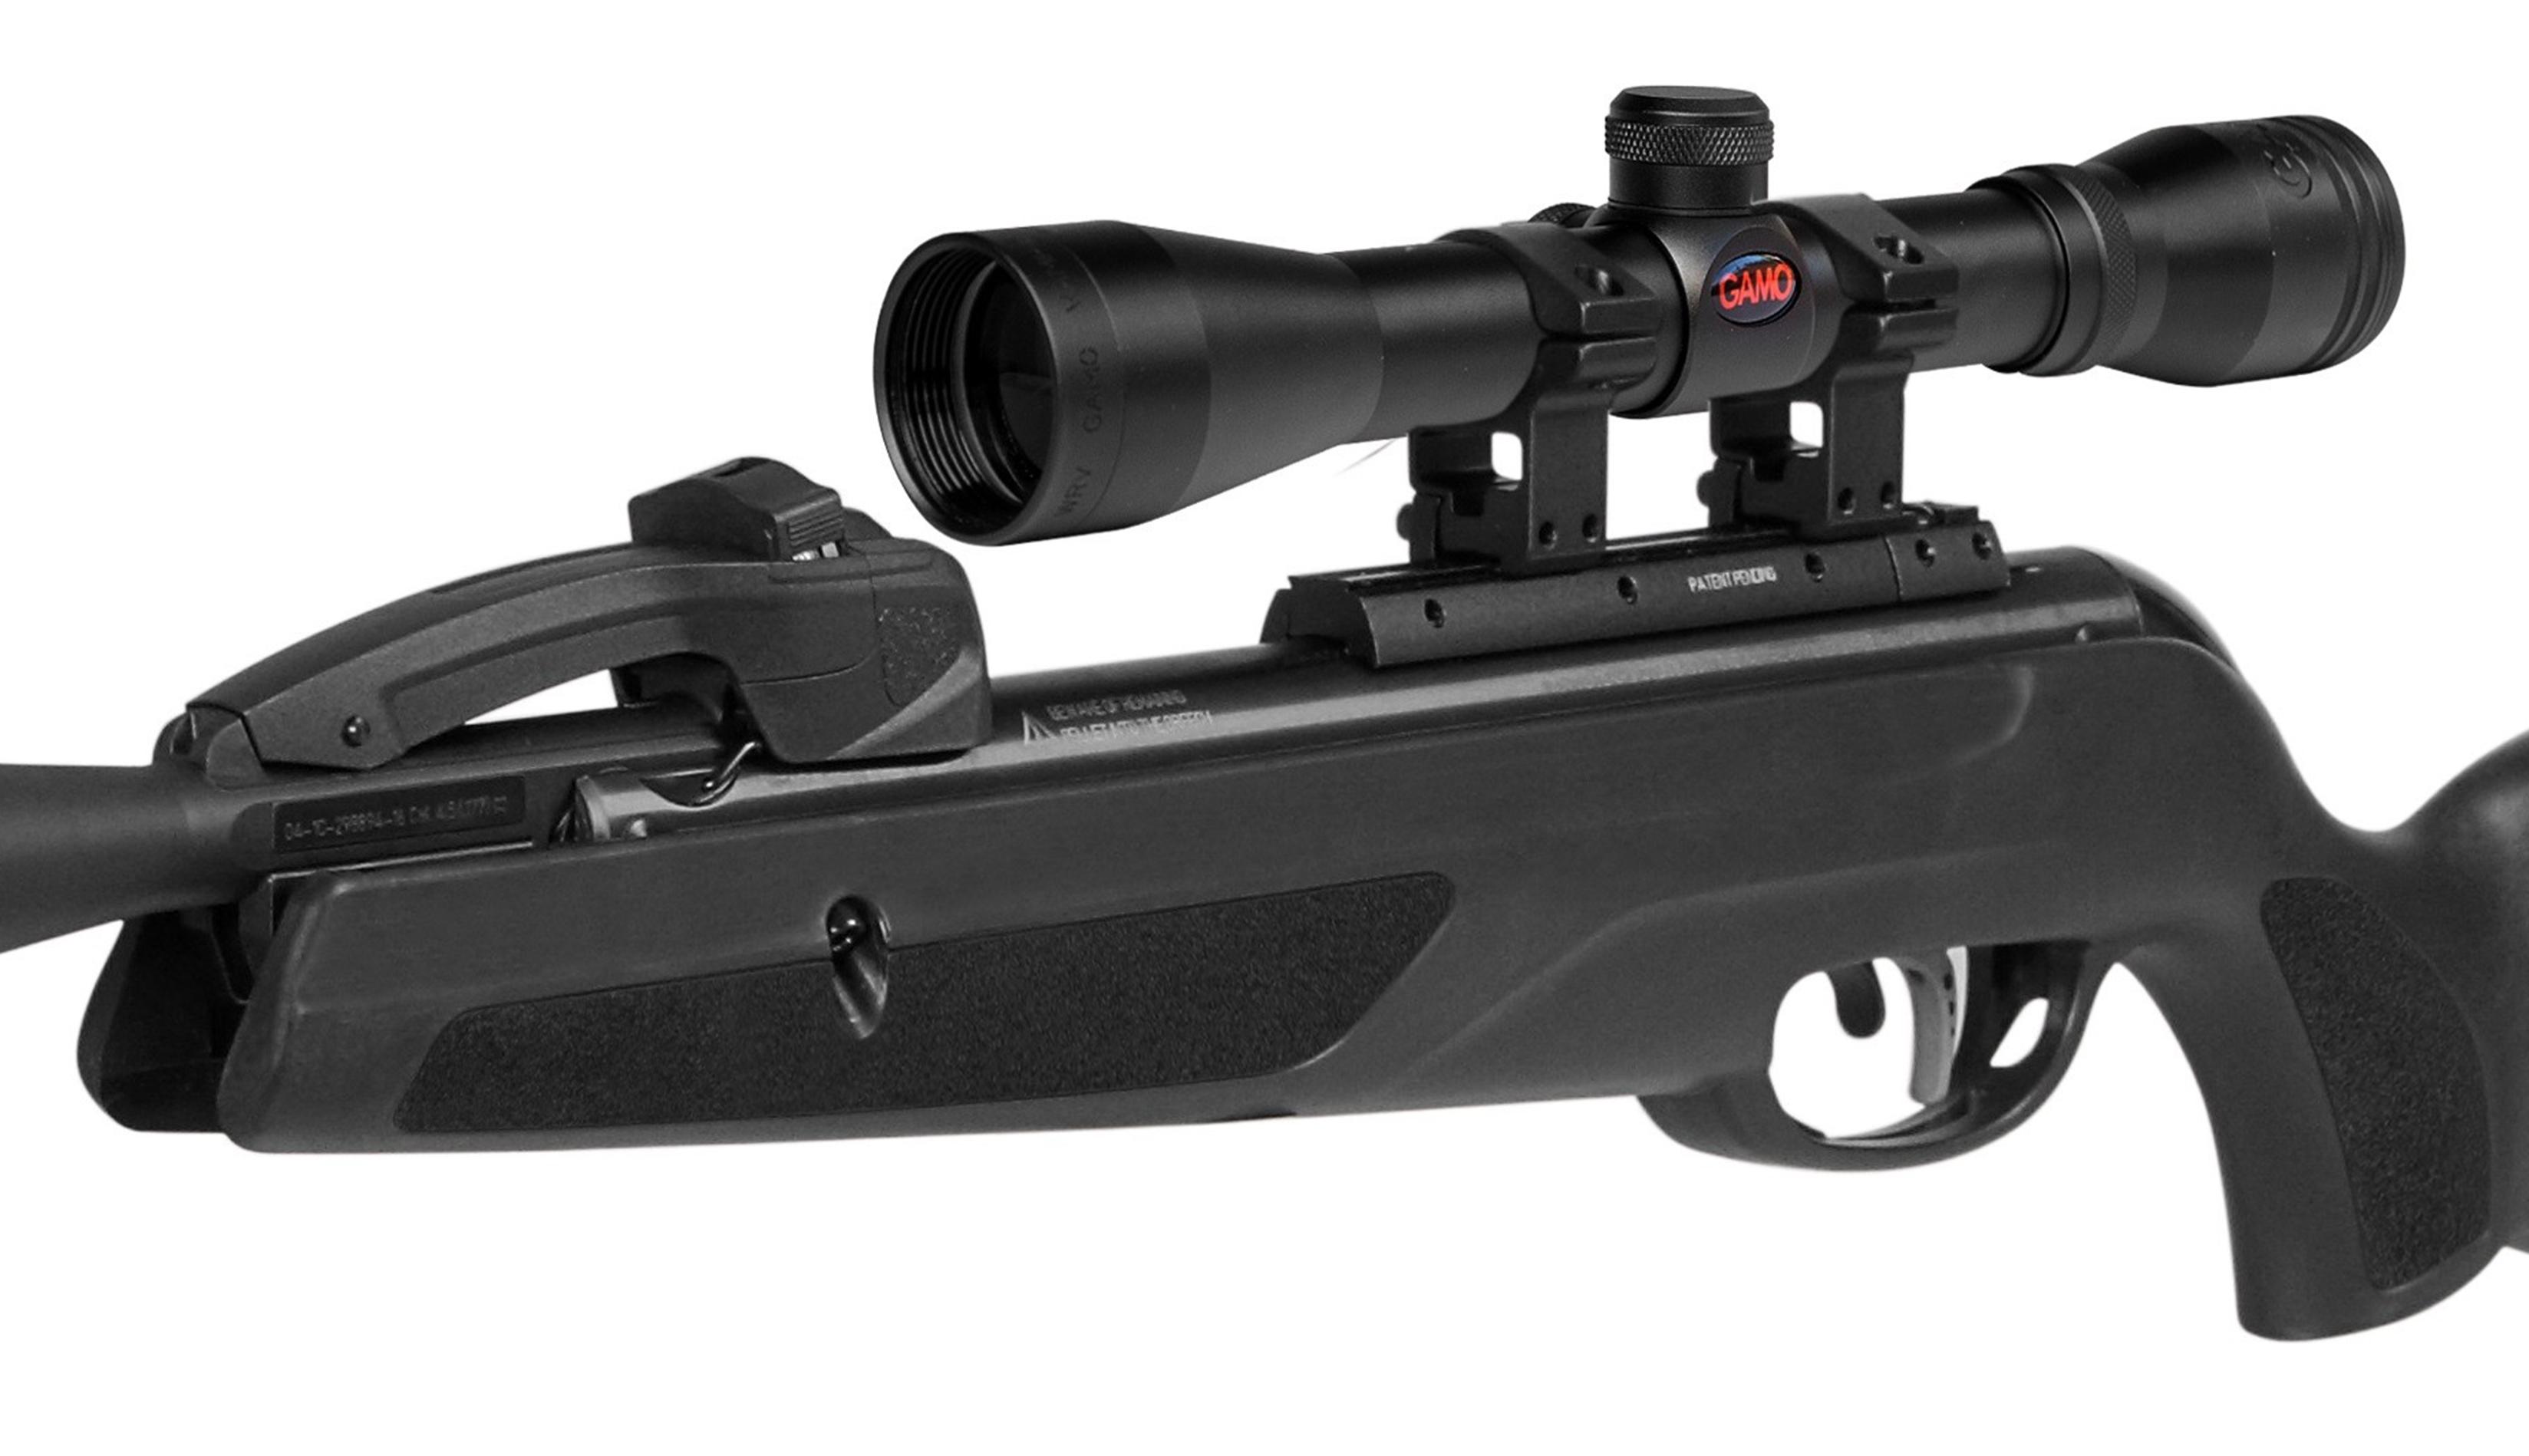 88+ [ Carabinas Y Visor Carabinas Y Pistolas ] - Funda Gamo Carabina Con Visor Semihard, Calcetn ...